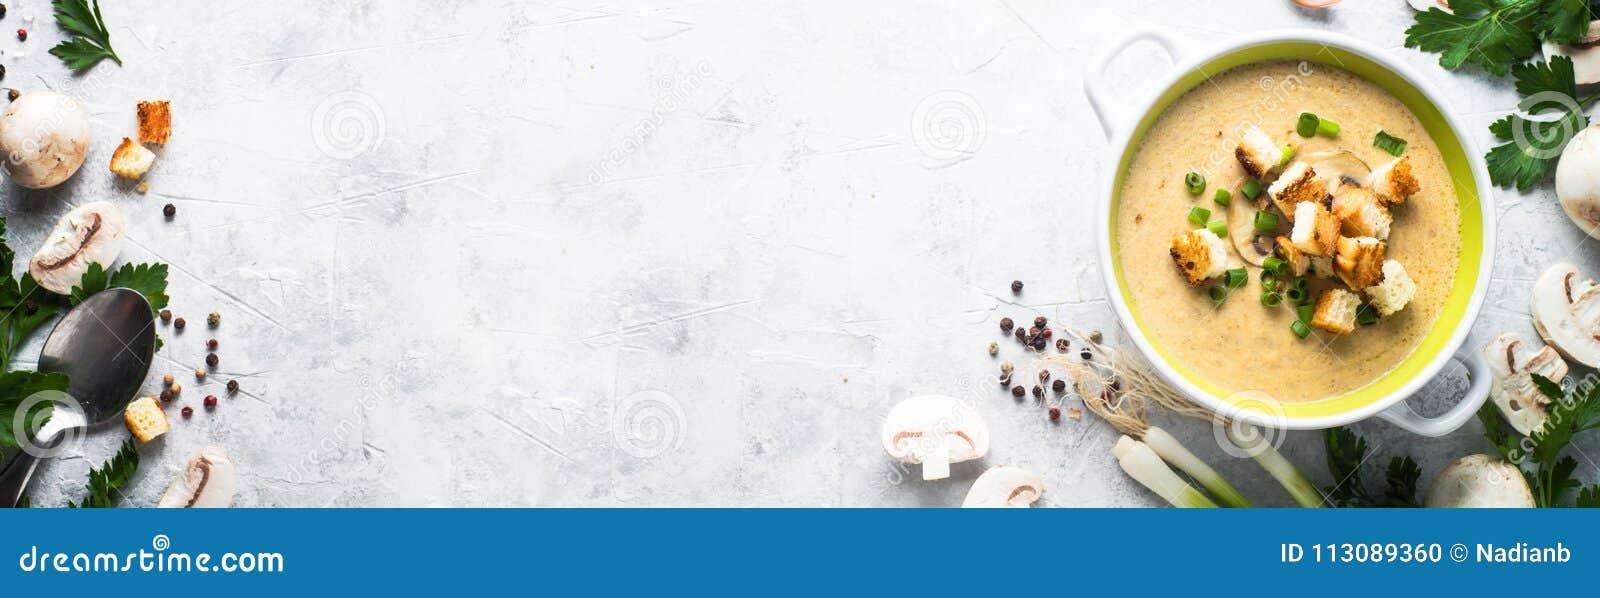 蘑菇汤纯汁浓汤用油煎方型小面包片